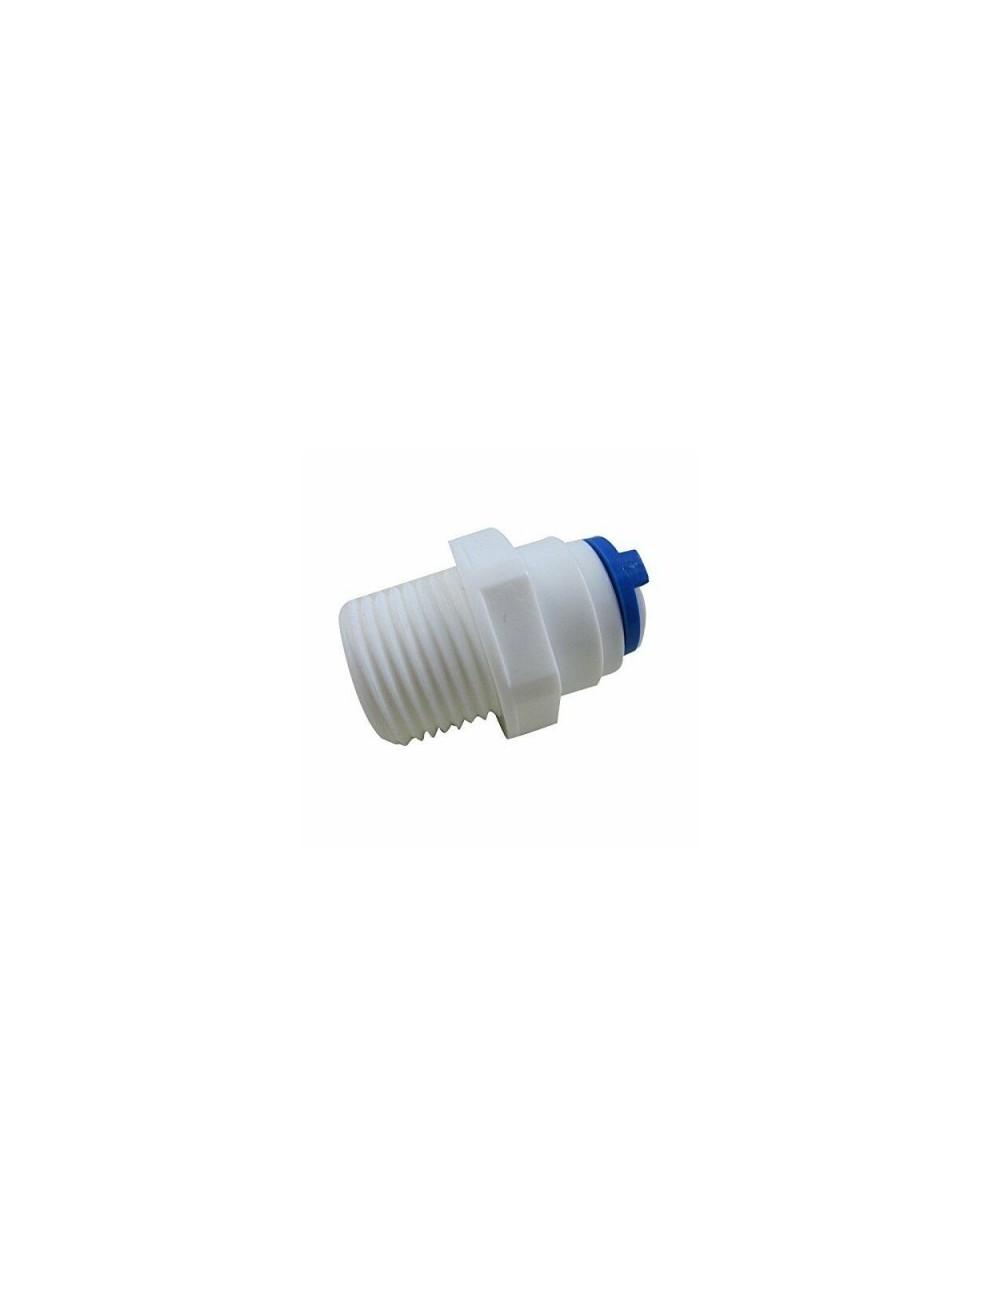 AQUAPERFEKT- Raccord droit 1/4 de pouce - Pour cartouche d'osmoseur